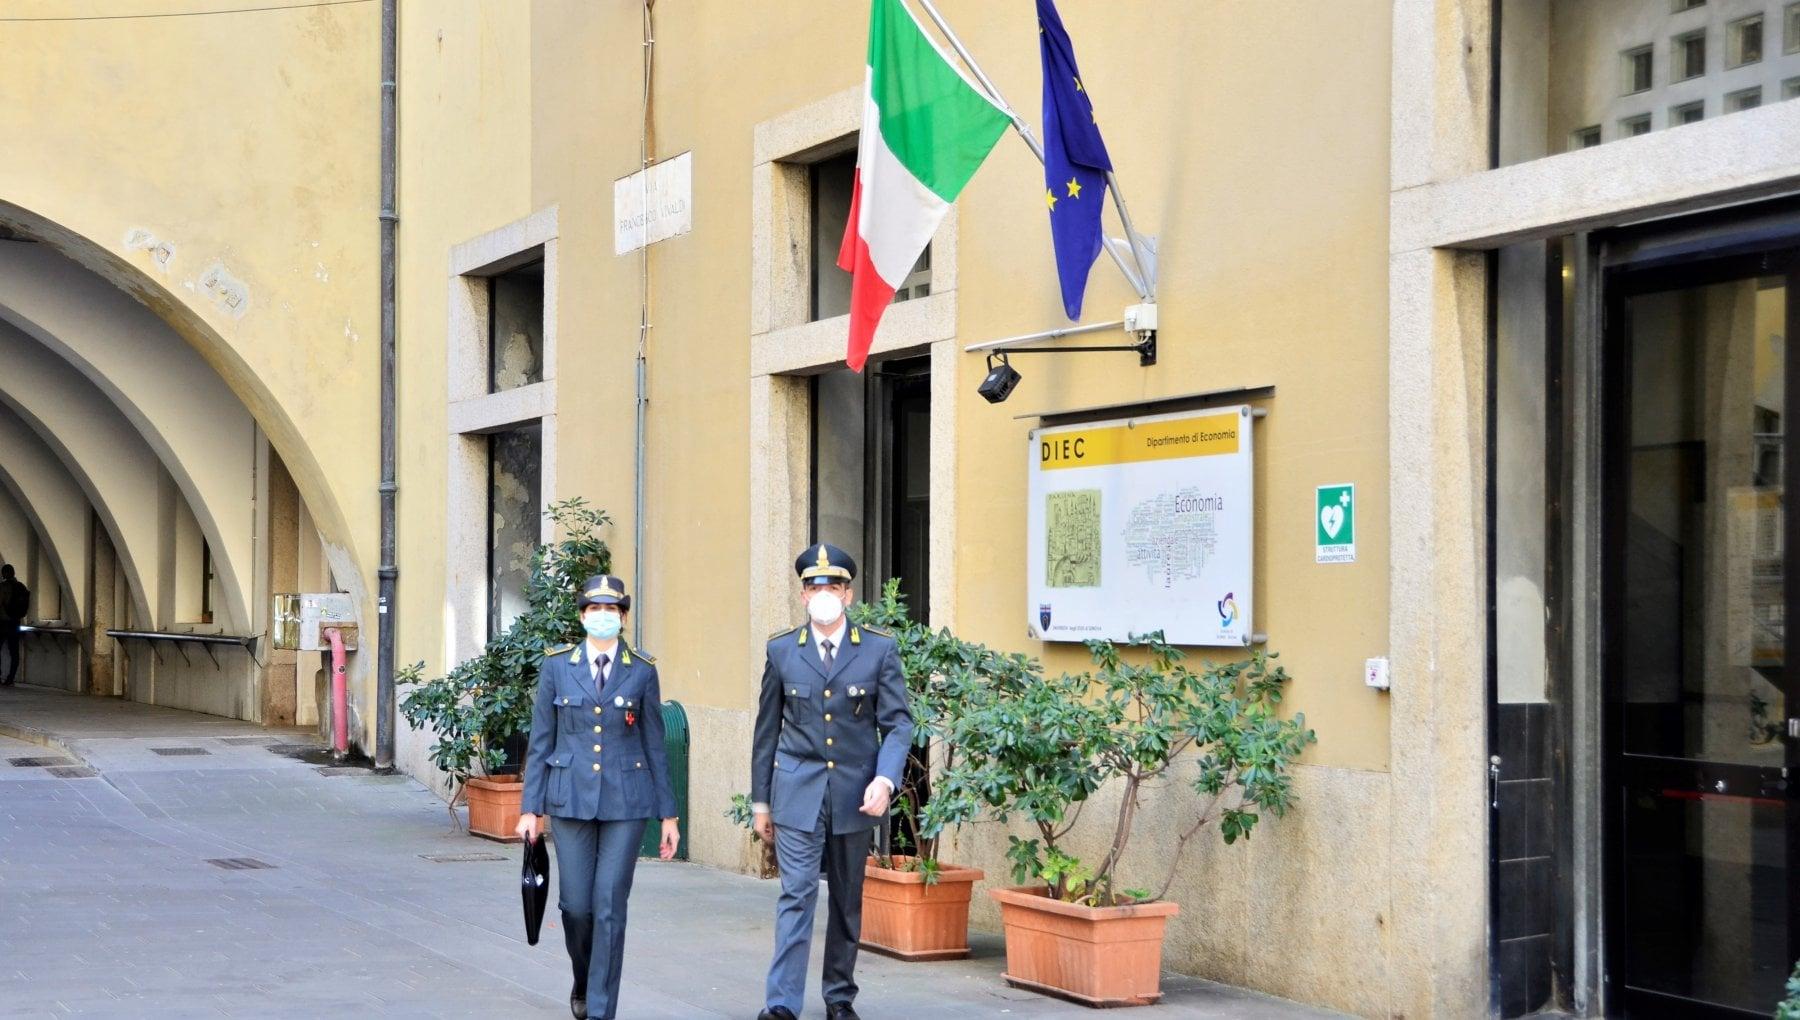 080400835 8e0e3b94 0010 4da5 adc8 7a0ca4d4eb6f - Esami universitari e tesi falsate, 22 indagati a Genova